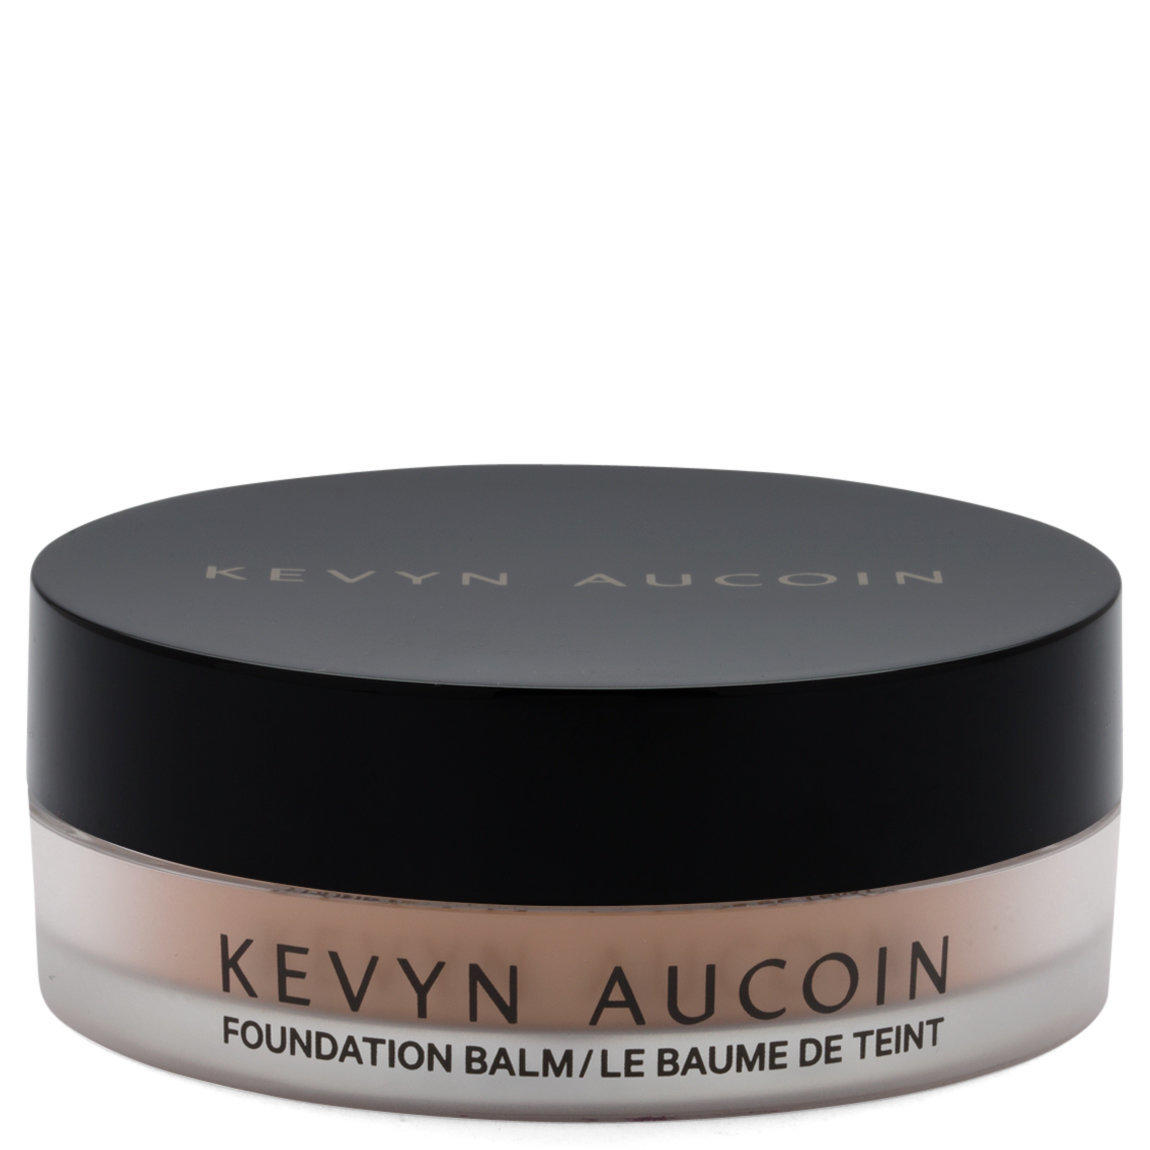 Kevyn Aucoin Foundation Balm Medium FB07